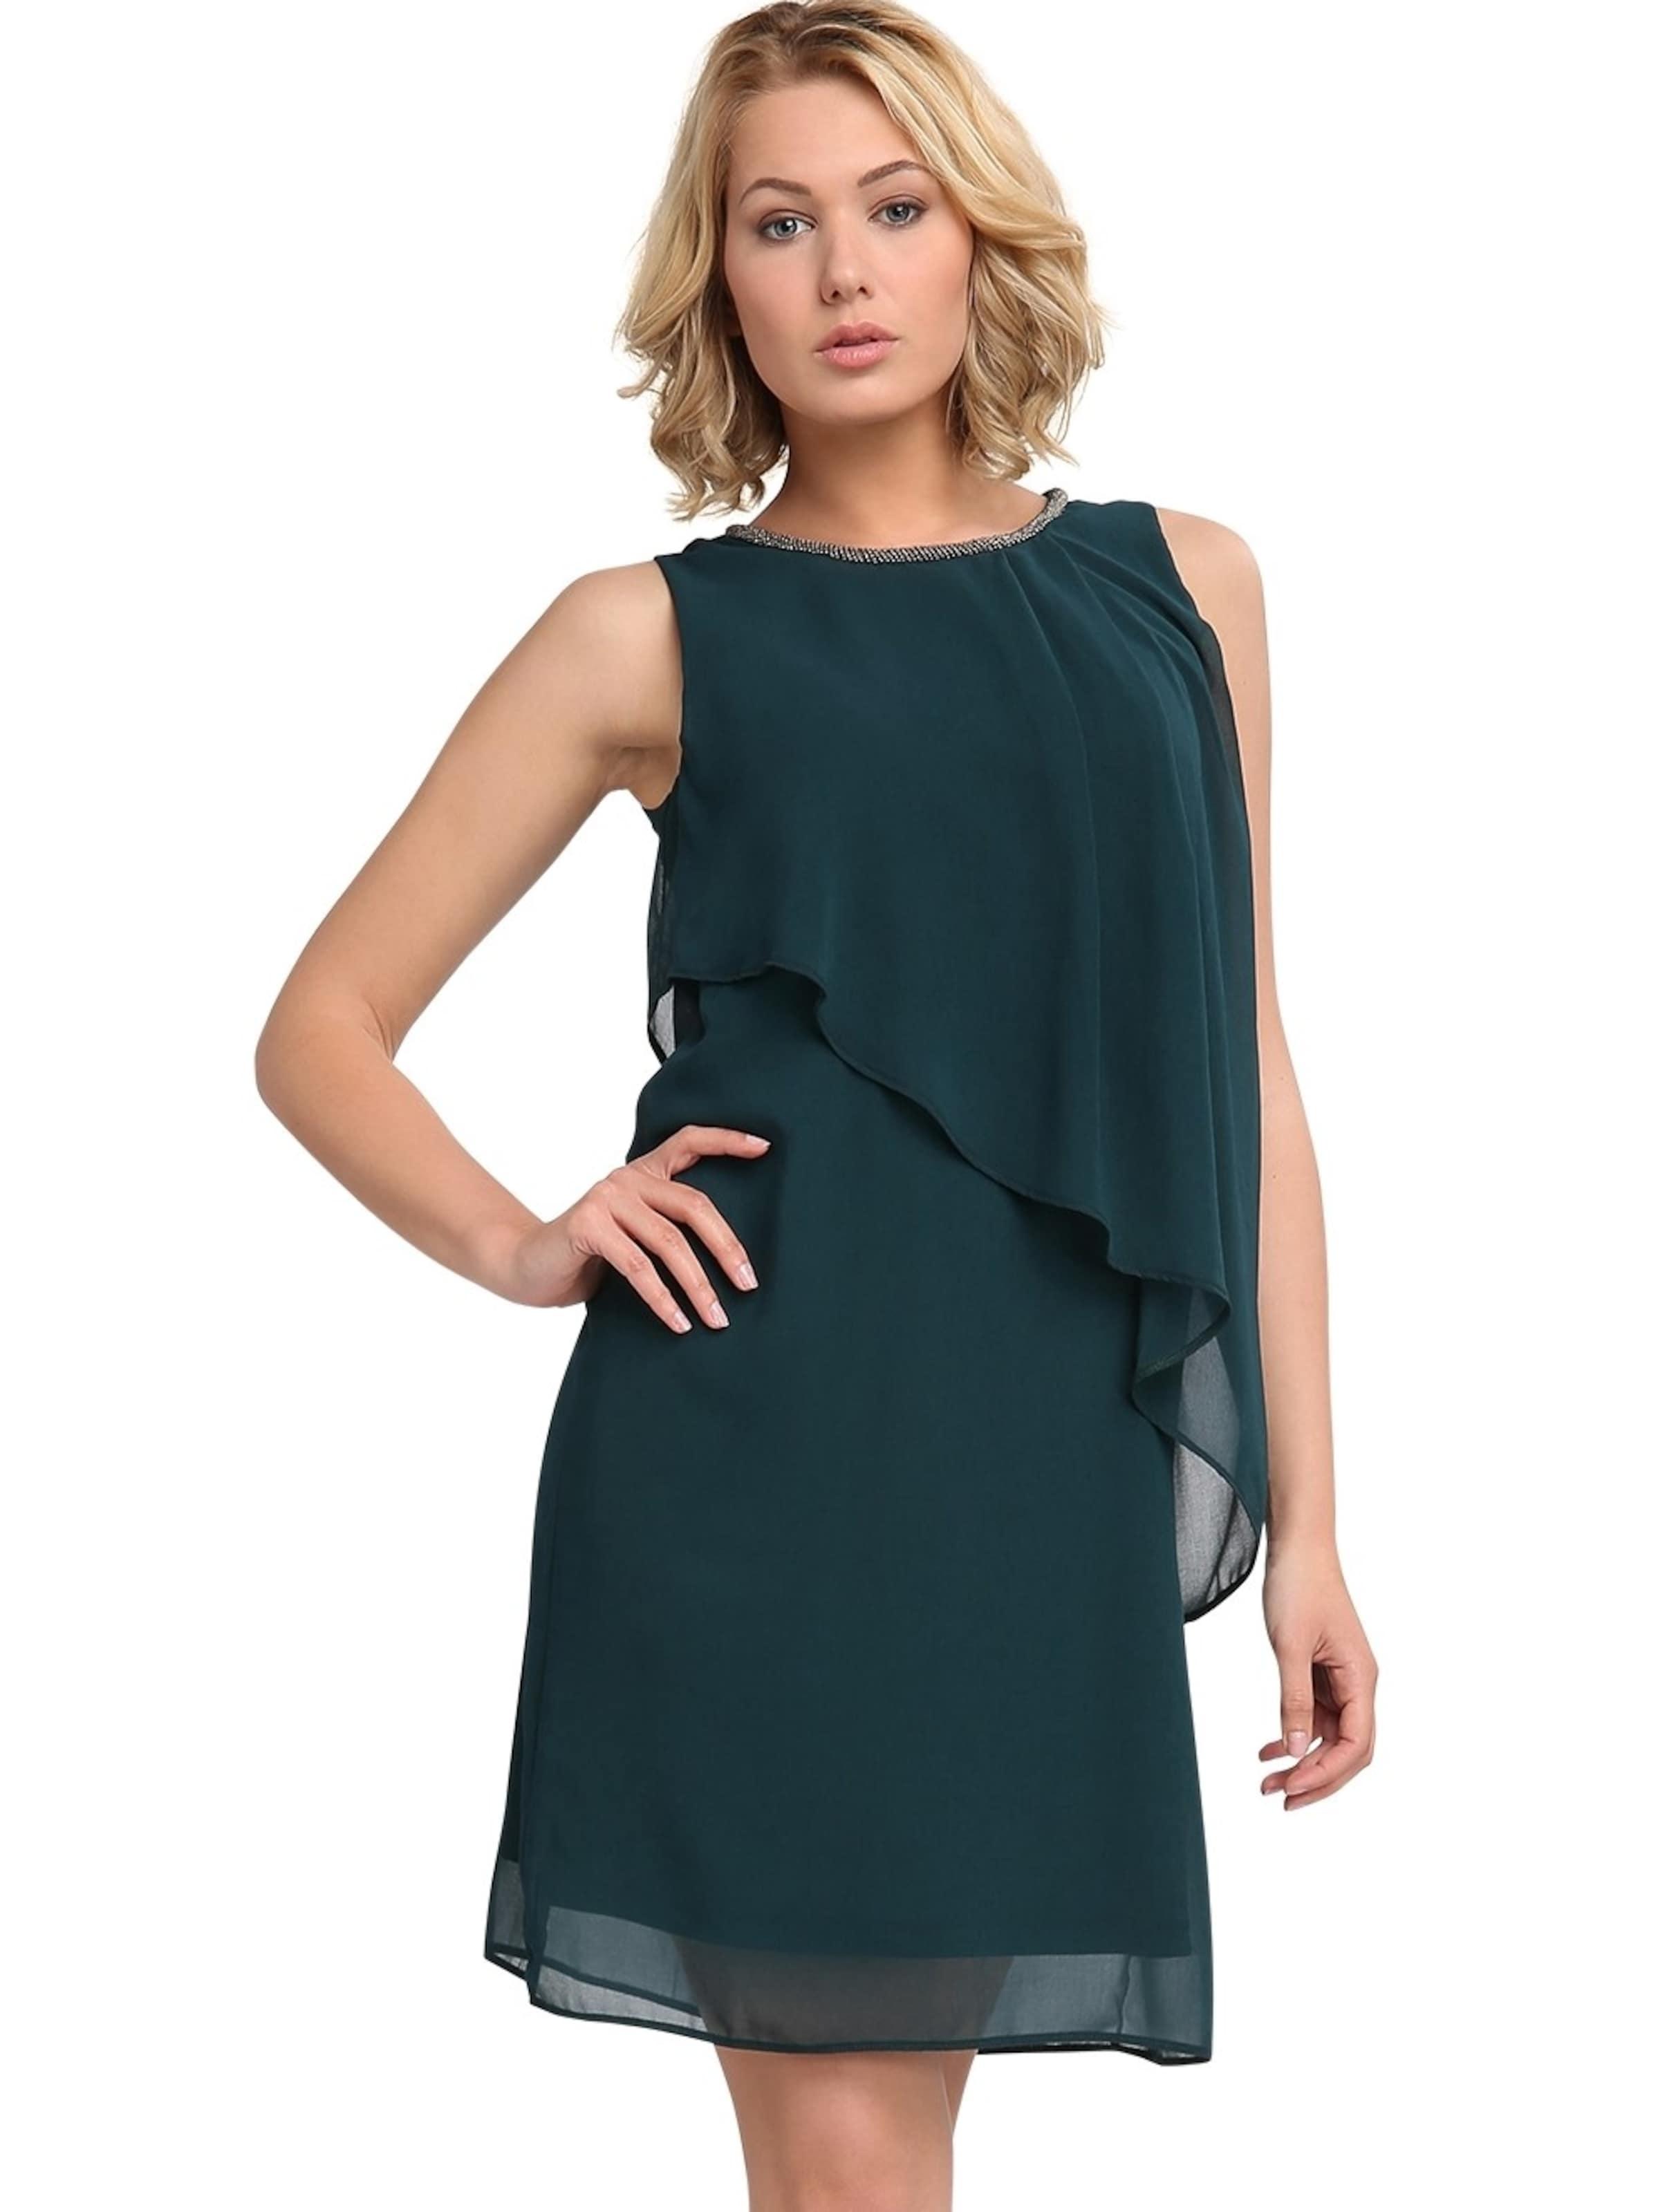 Neue Stile Verkauf Online APART Chiffonkleid asymmetrisch mit bestickten Ausschnitt Auslass Bilder LvxF8